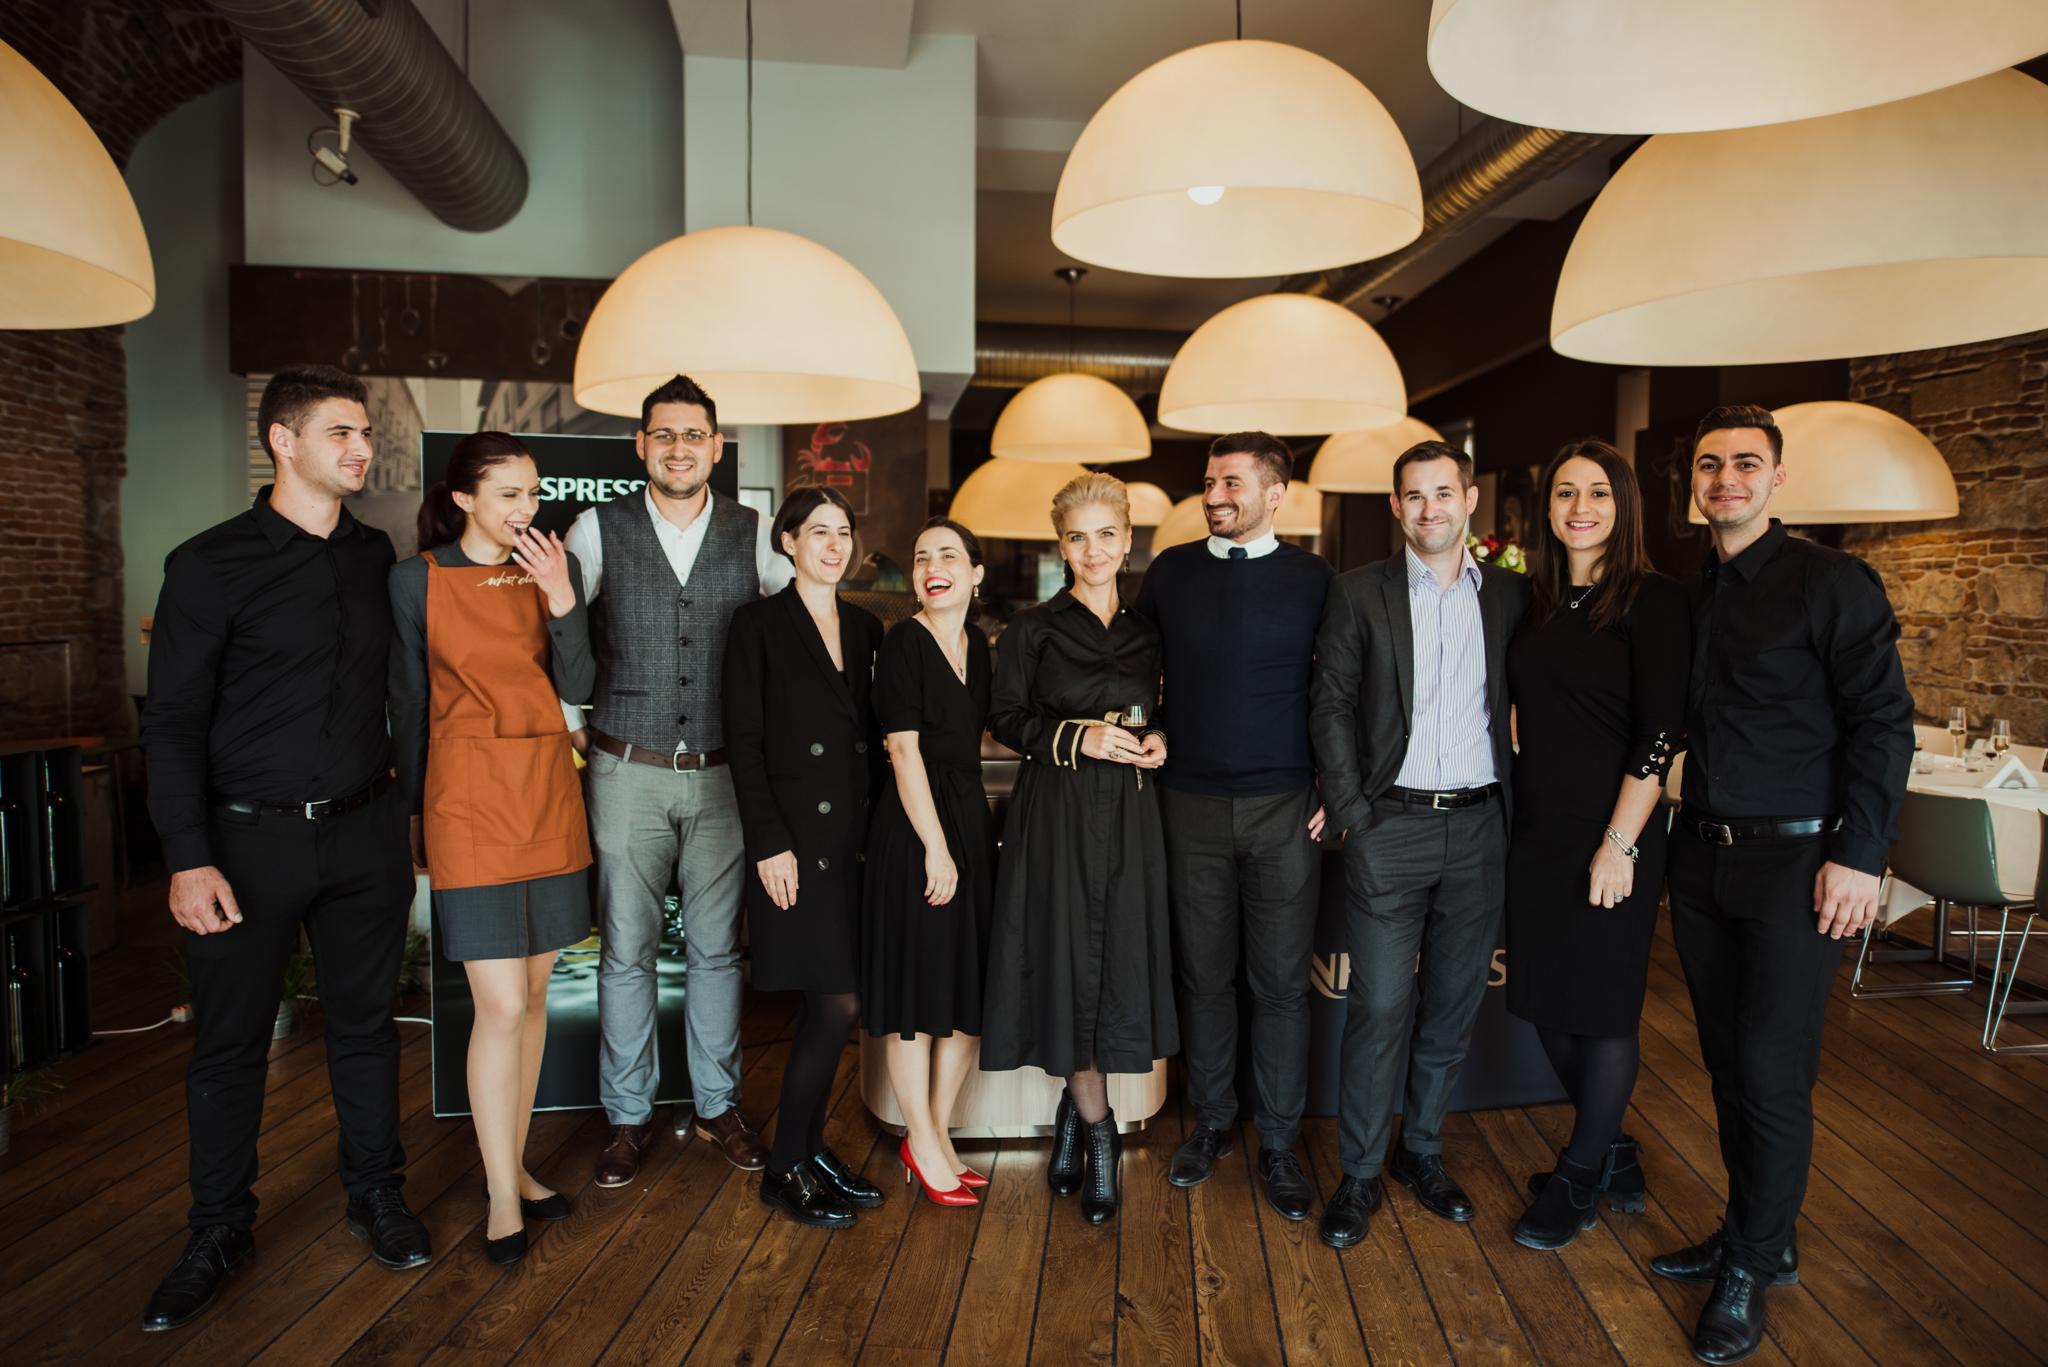 Nespresso_Baracca-Lunch-Cluj_18-10-2019_Andreea-Popa_KOMITI_0478_WEB